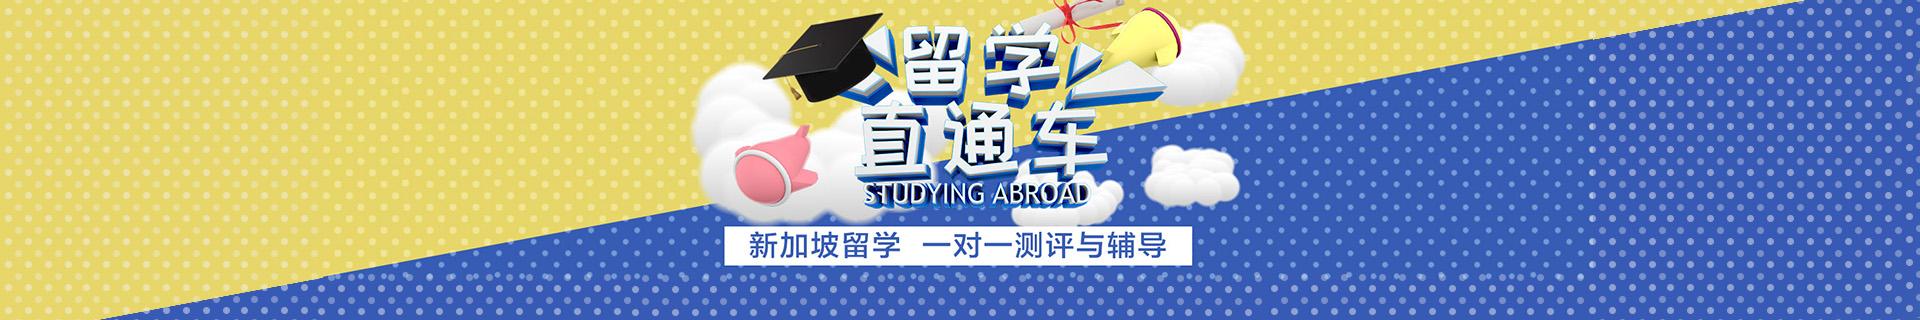 广州天河珠江新城新东方前途出国